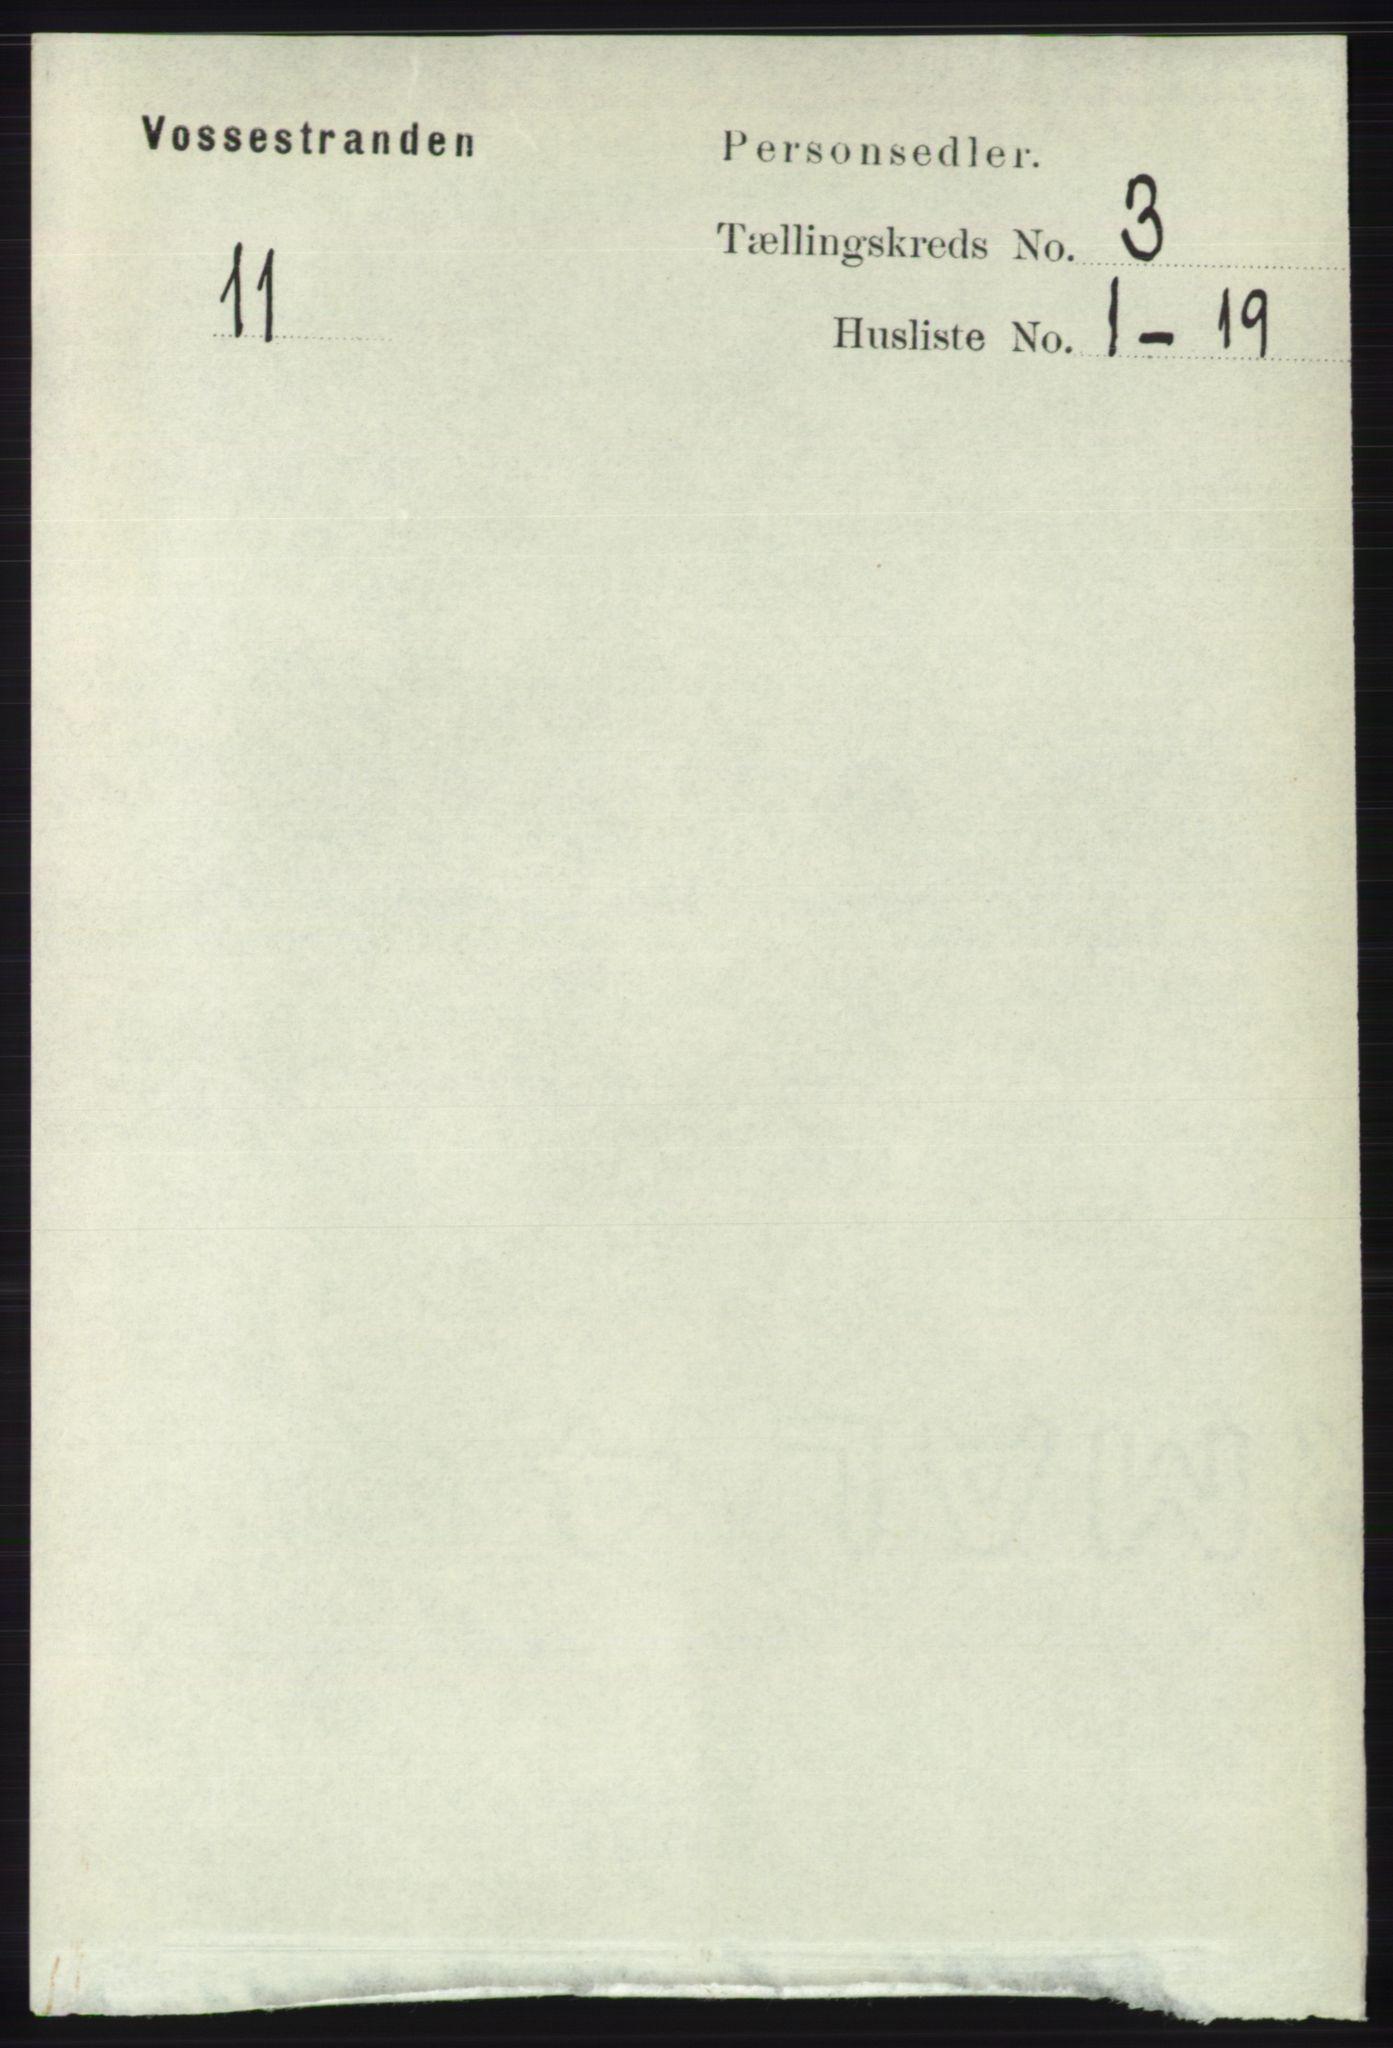 RA, Folketelling 1891 for 1236 Vossestrand herred, 1891, s. 1240